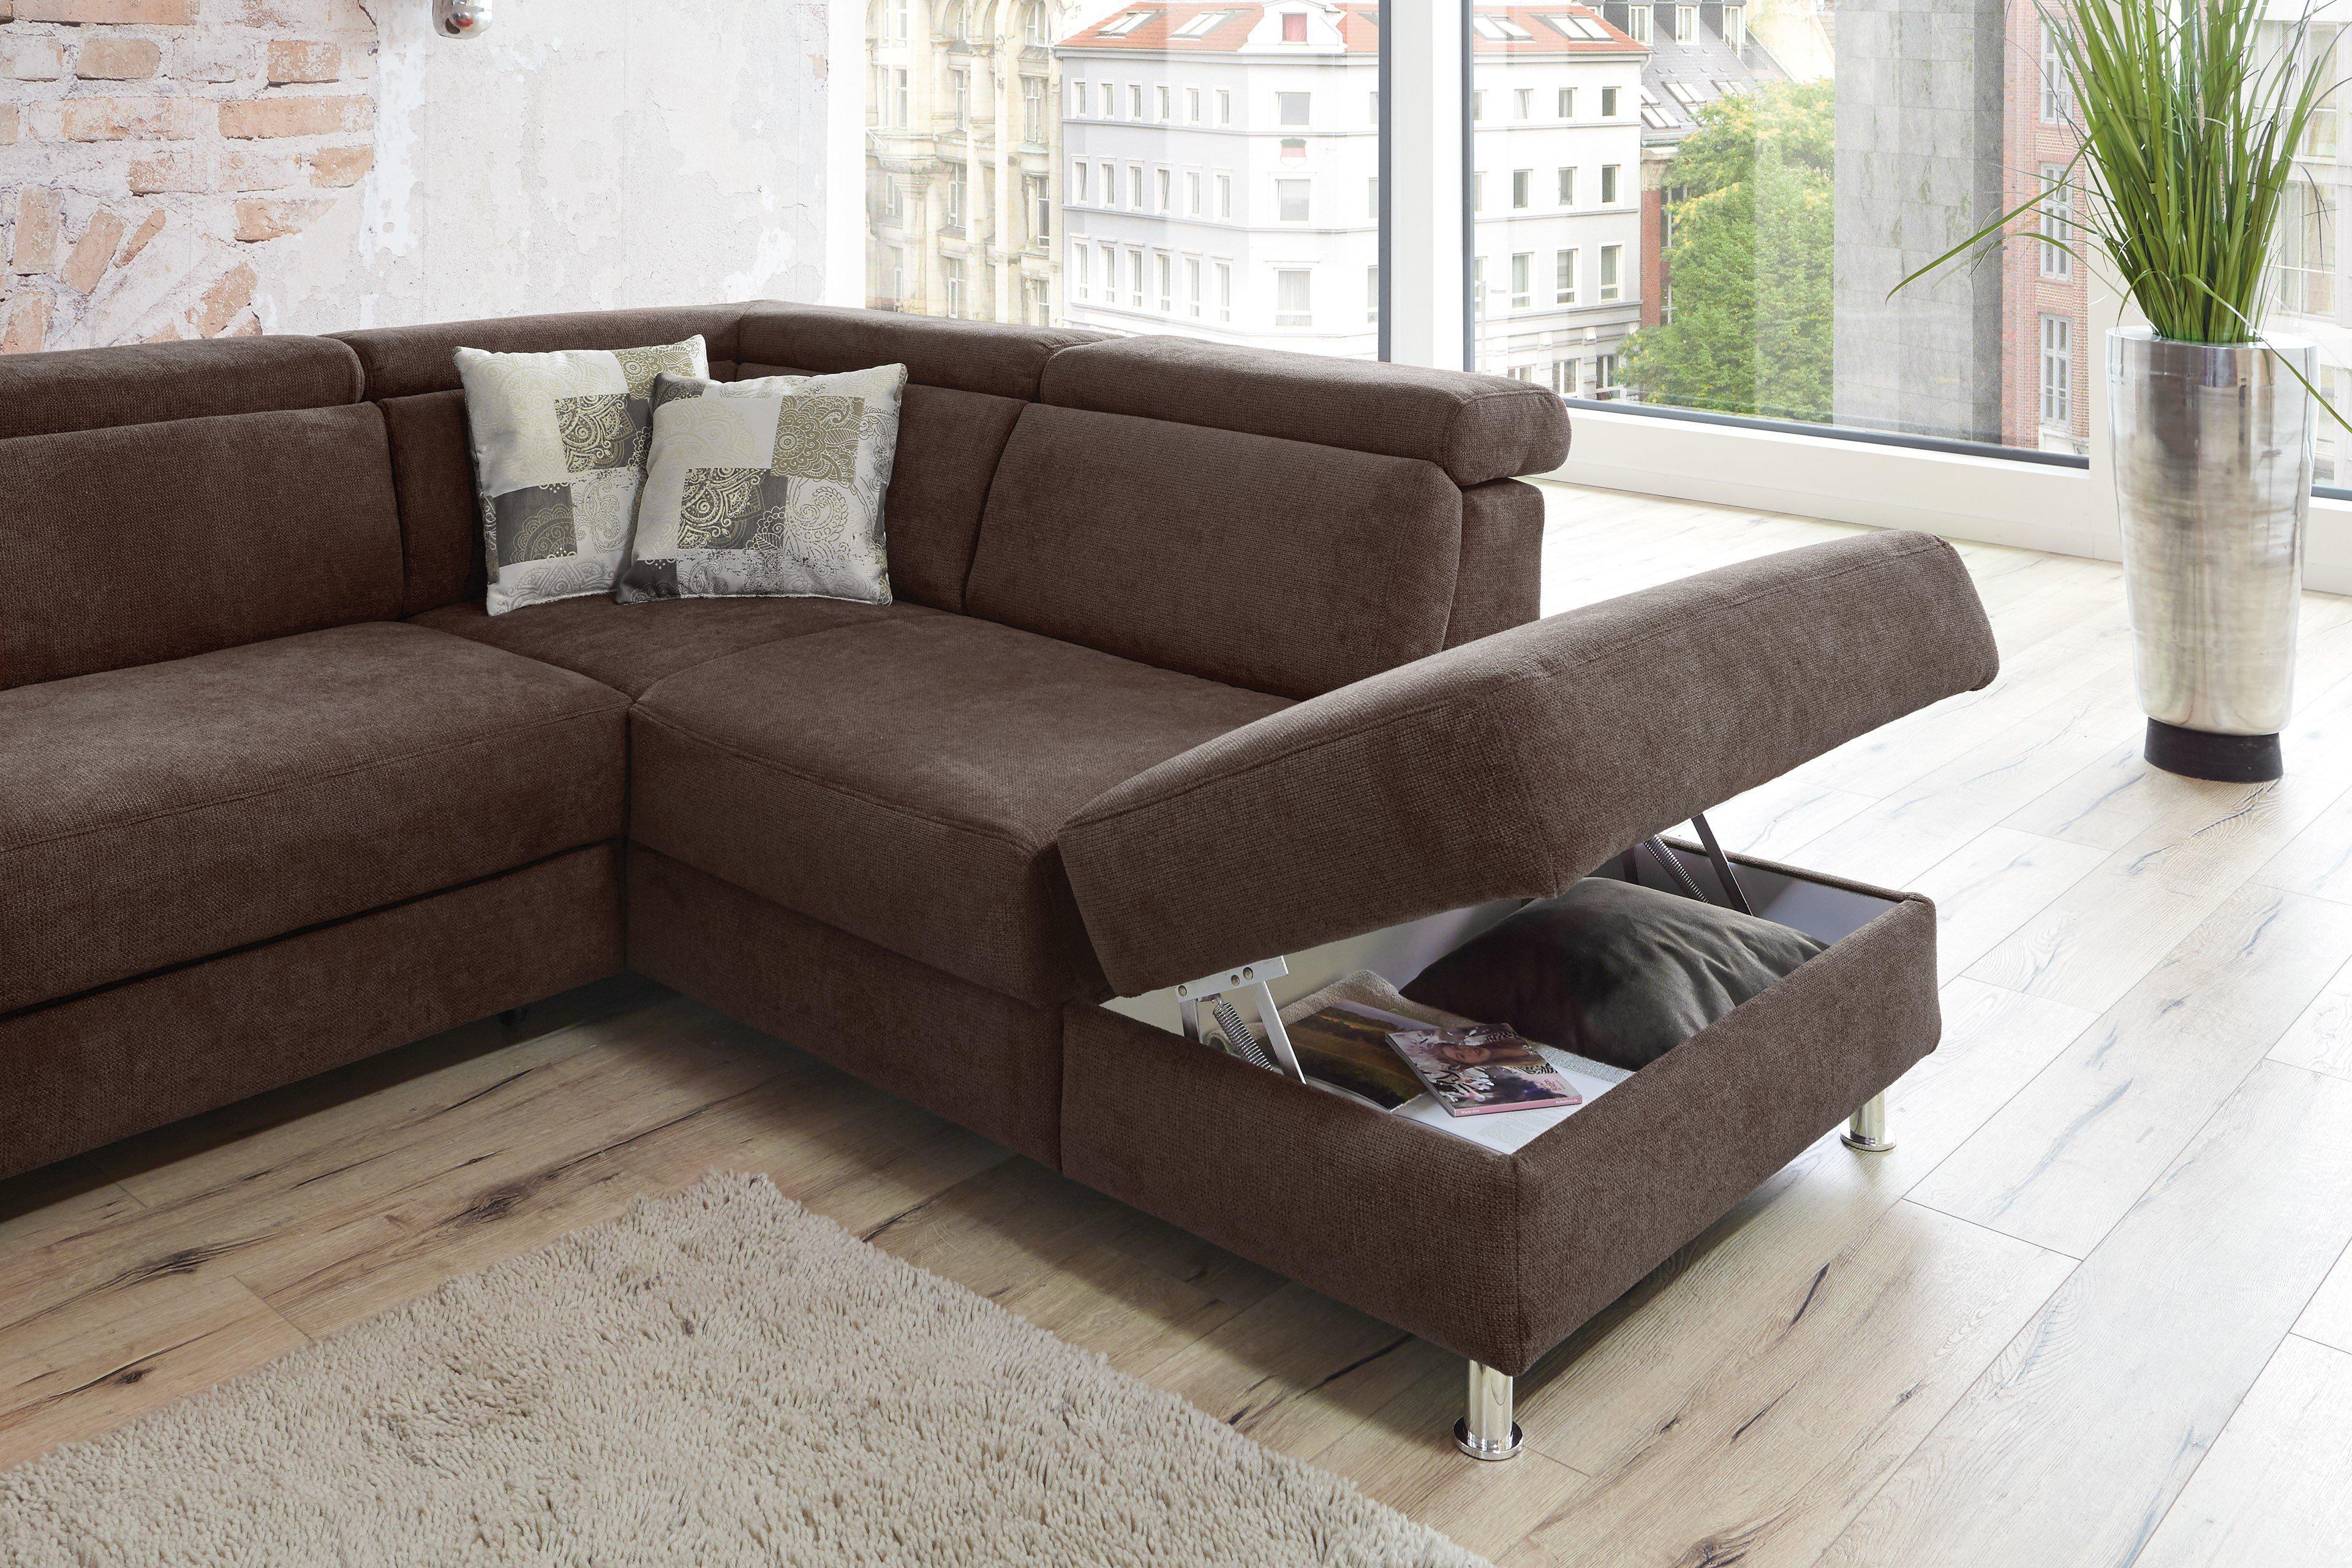 sit more home basic avignon eckgarnitur braun m bel letz ihr online shop. Black Bedroom Furniture Sets. Home Design Ideas